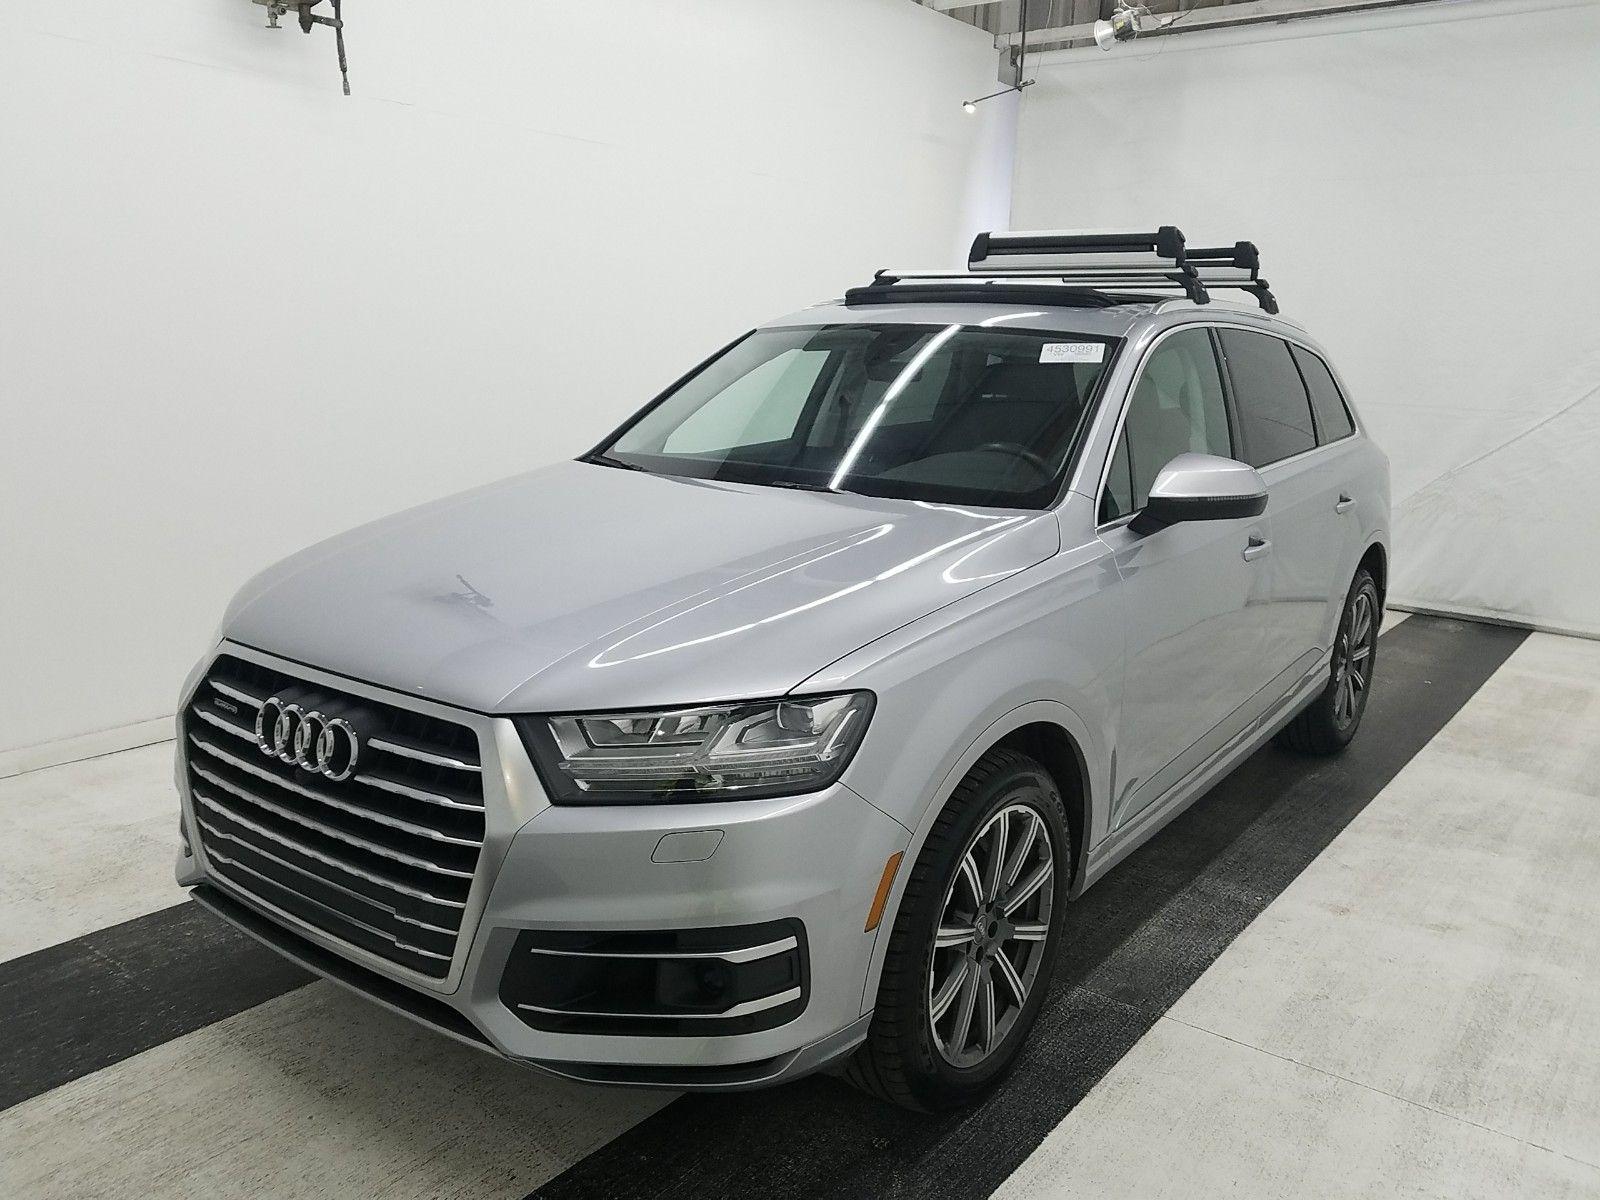 Audi Q7 2018 в белом цвете